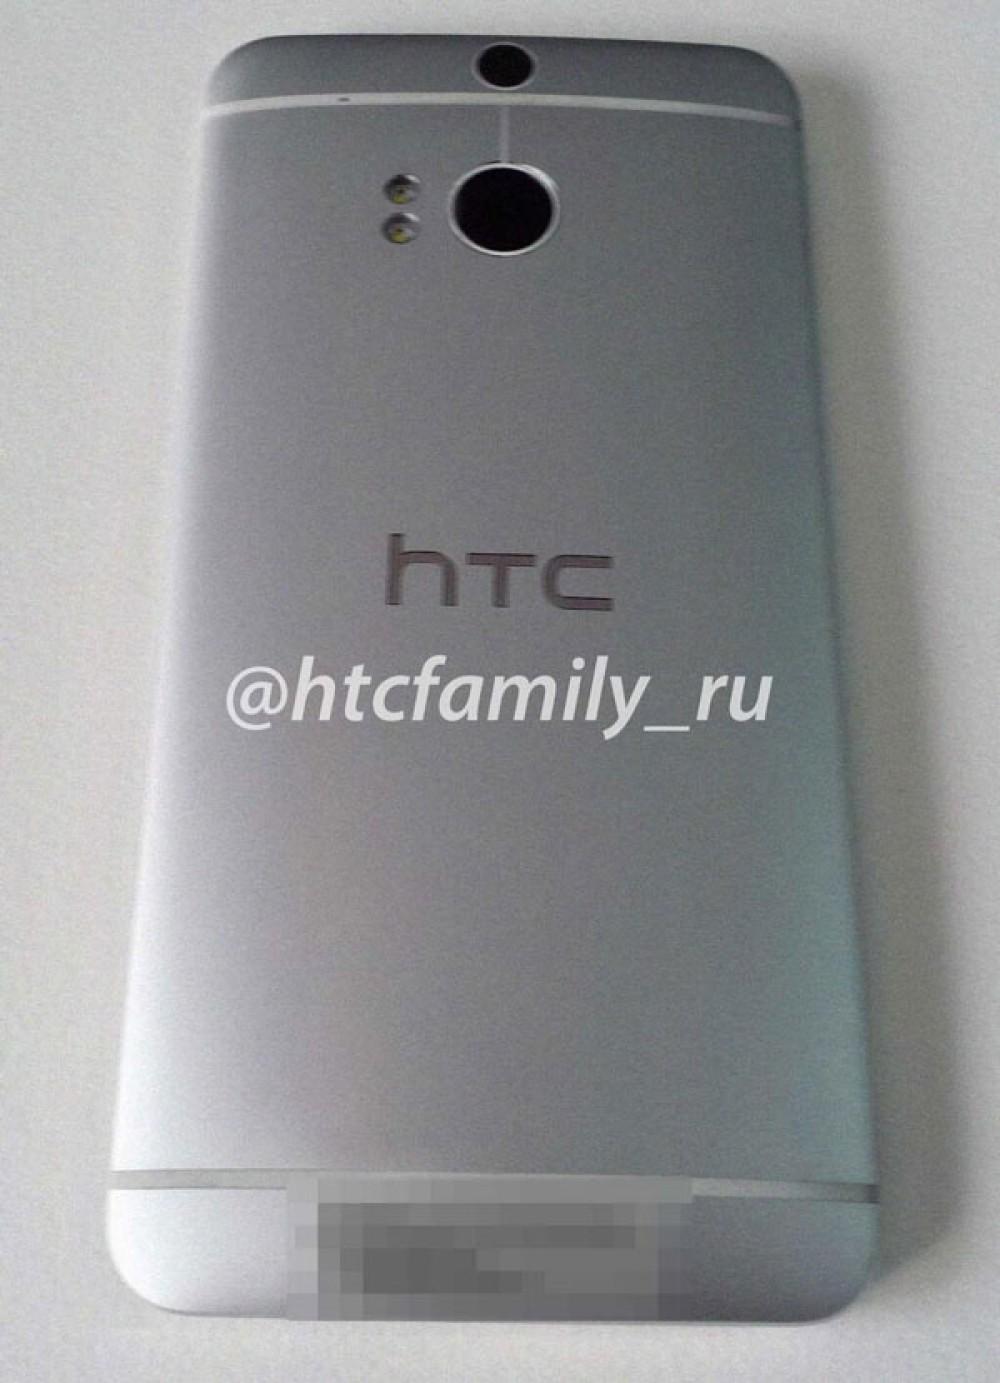 HTC One 2 (aka HTC M8): Η πρώτη φωτογραφία αποκαλύπτει διπλή κάμερα στο πίσω μέρος